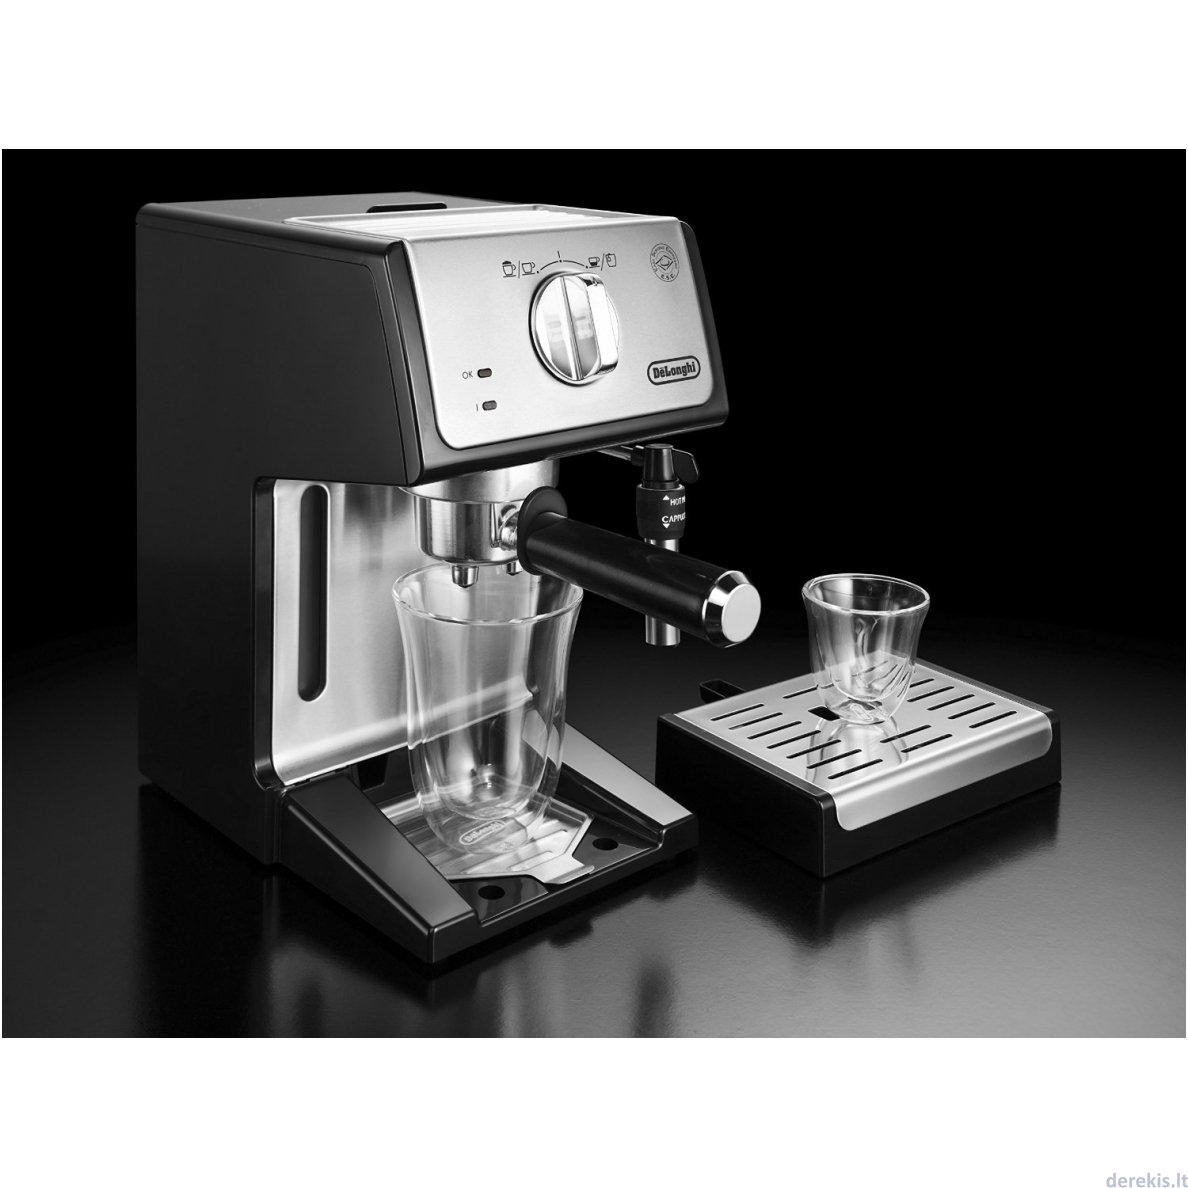 Delonghi Ecp35 31 Coffee Maker Hitam Referensi Daftar Harga Ec680 R Merah Dan Ecp3531